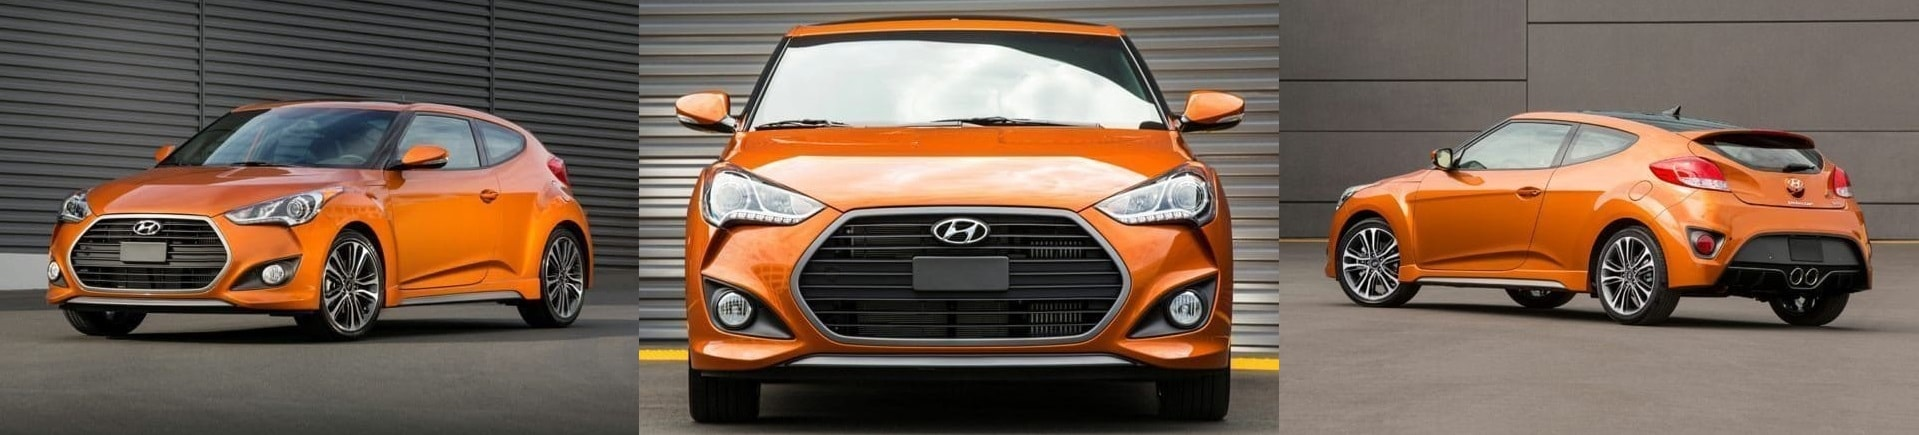 sonata price hyundai email dealers in bel for limited veh air milford sedan ct